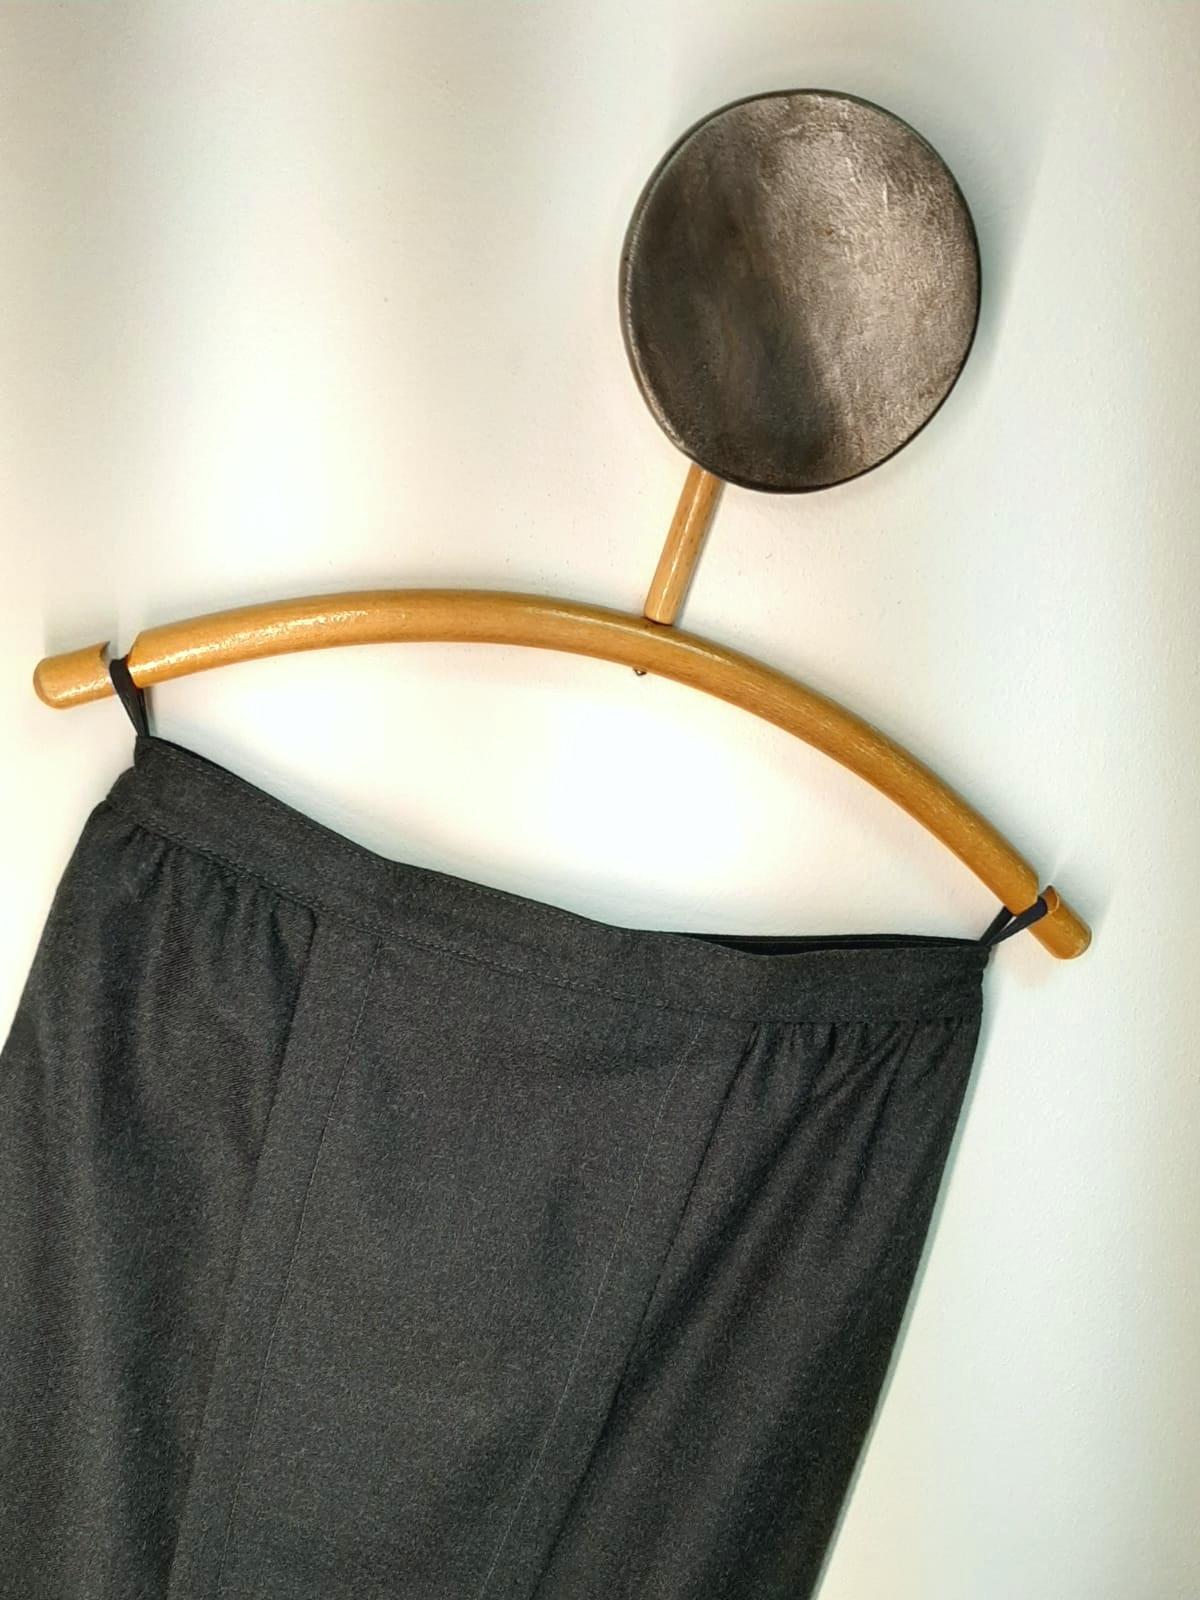 Ołówkowa wełniana spódnica - PONOŚ SE vintage shop | JestemSlow.pl